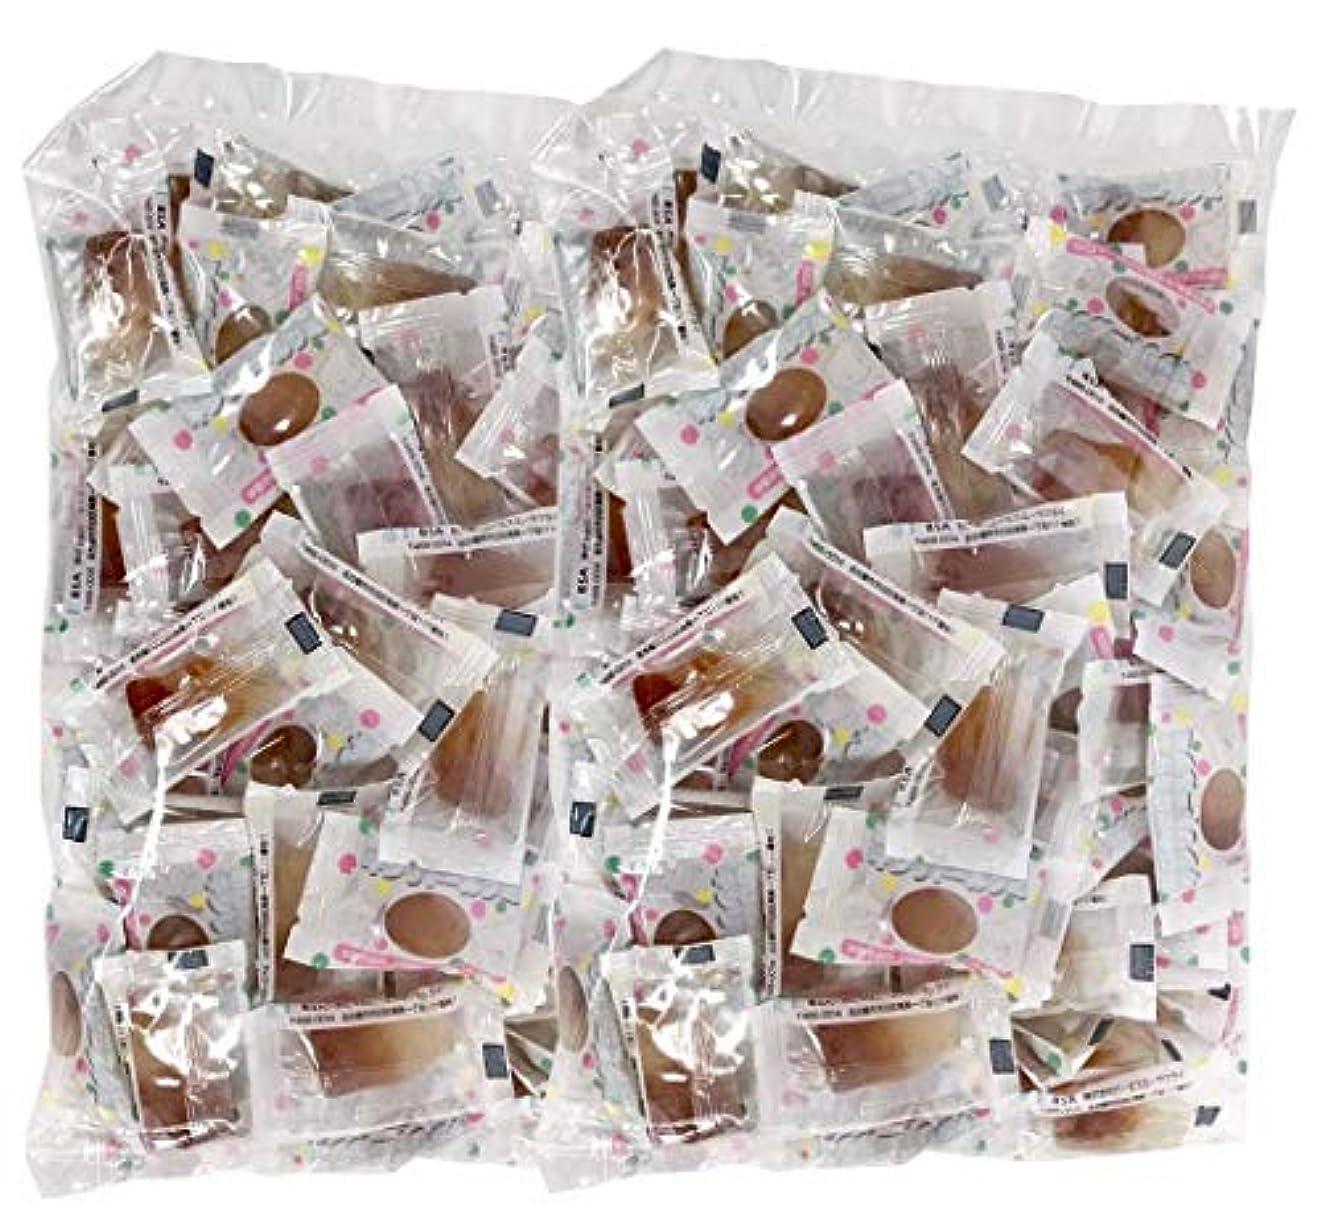 アピールそれに応じて実験室キシリトール100%グミ キシリコーラXYLICOLA 大袋 1袋(100粒入) × 2袋